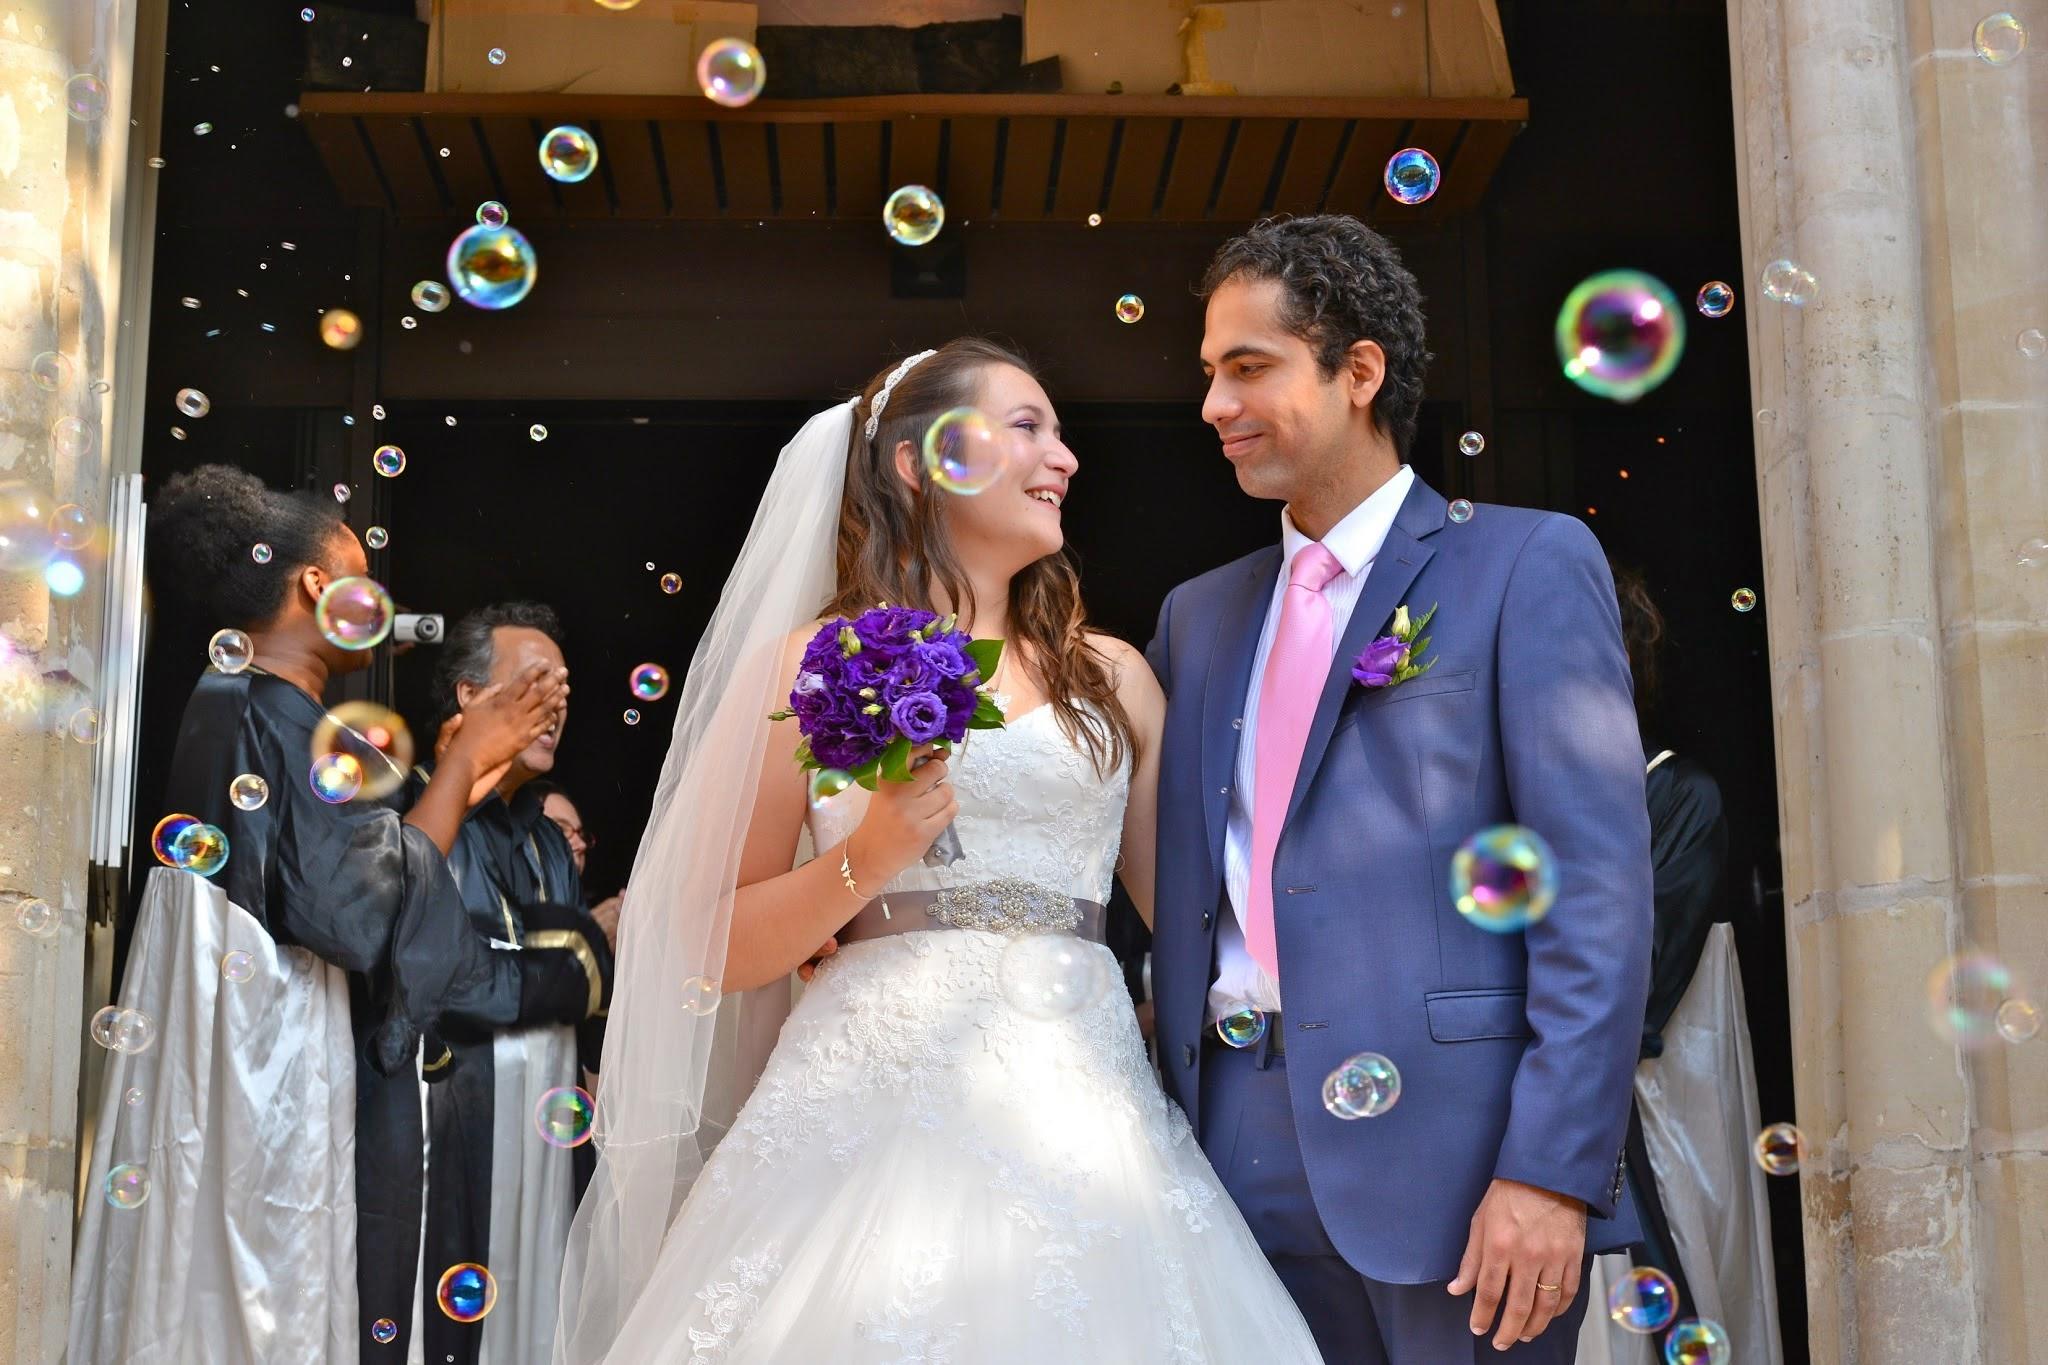 Le mariage de Mme Potter sur le thème des oiseaux en violet, blanc et argent